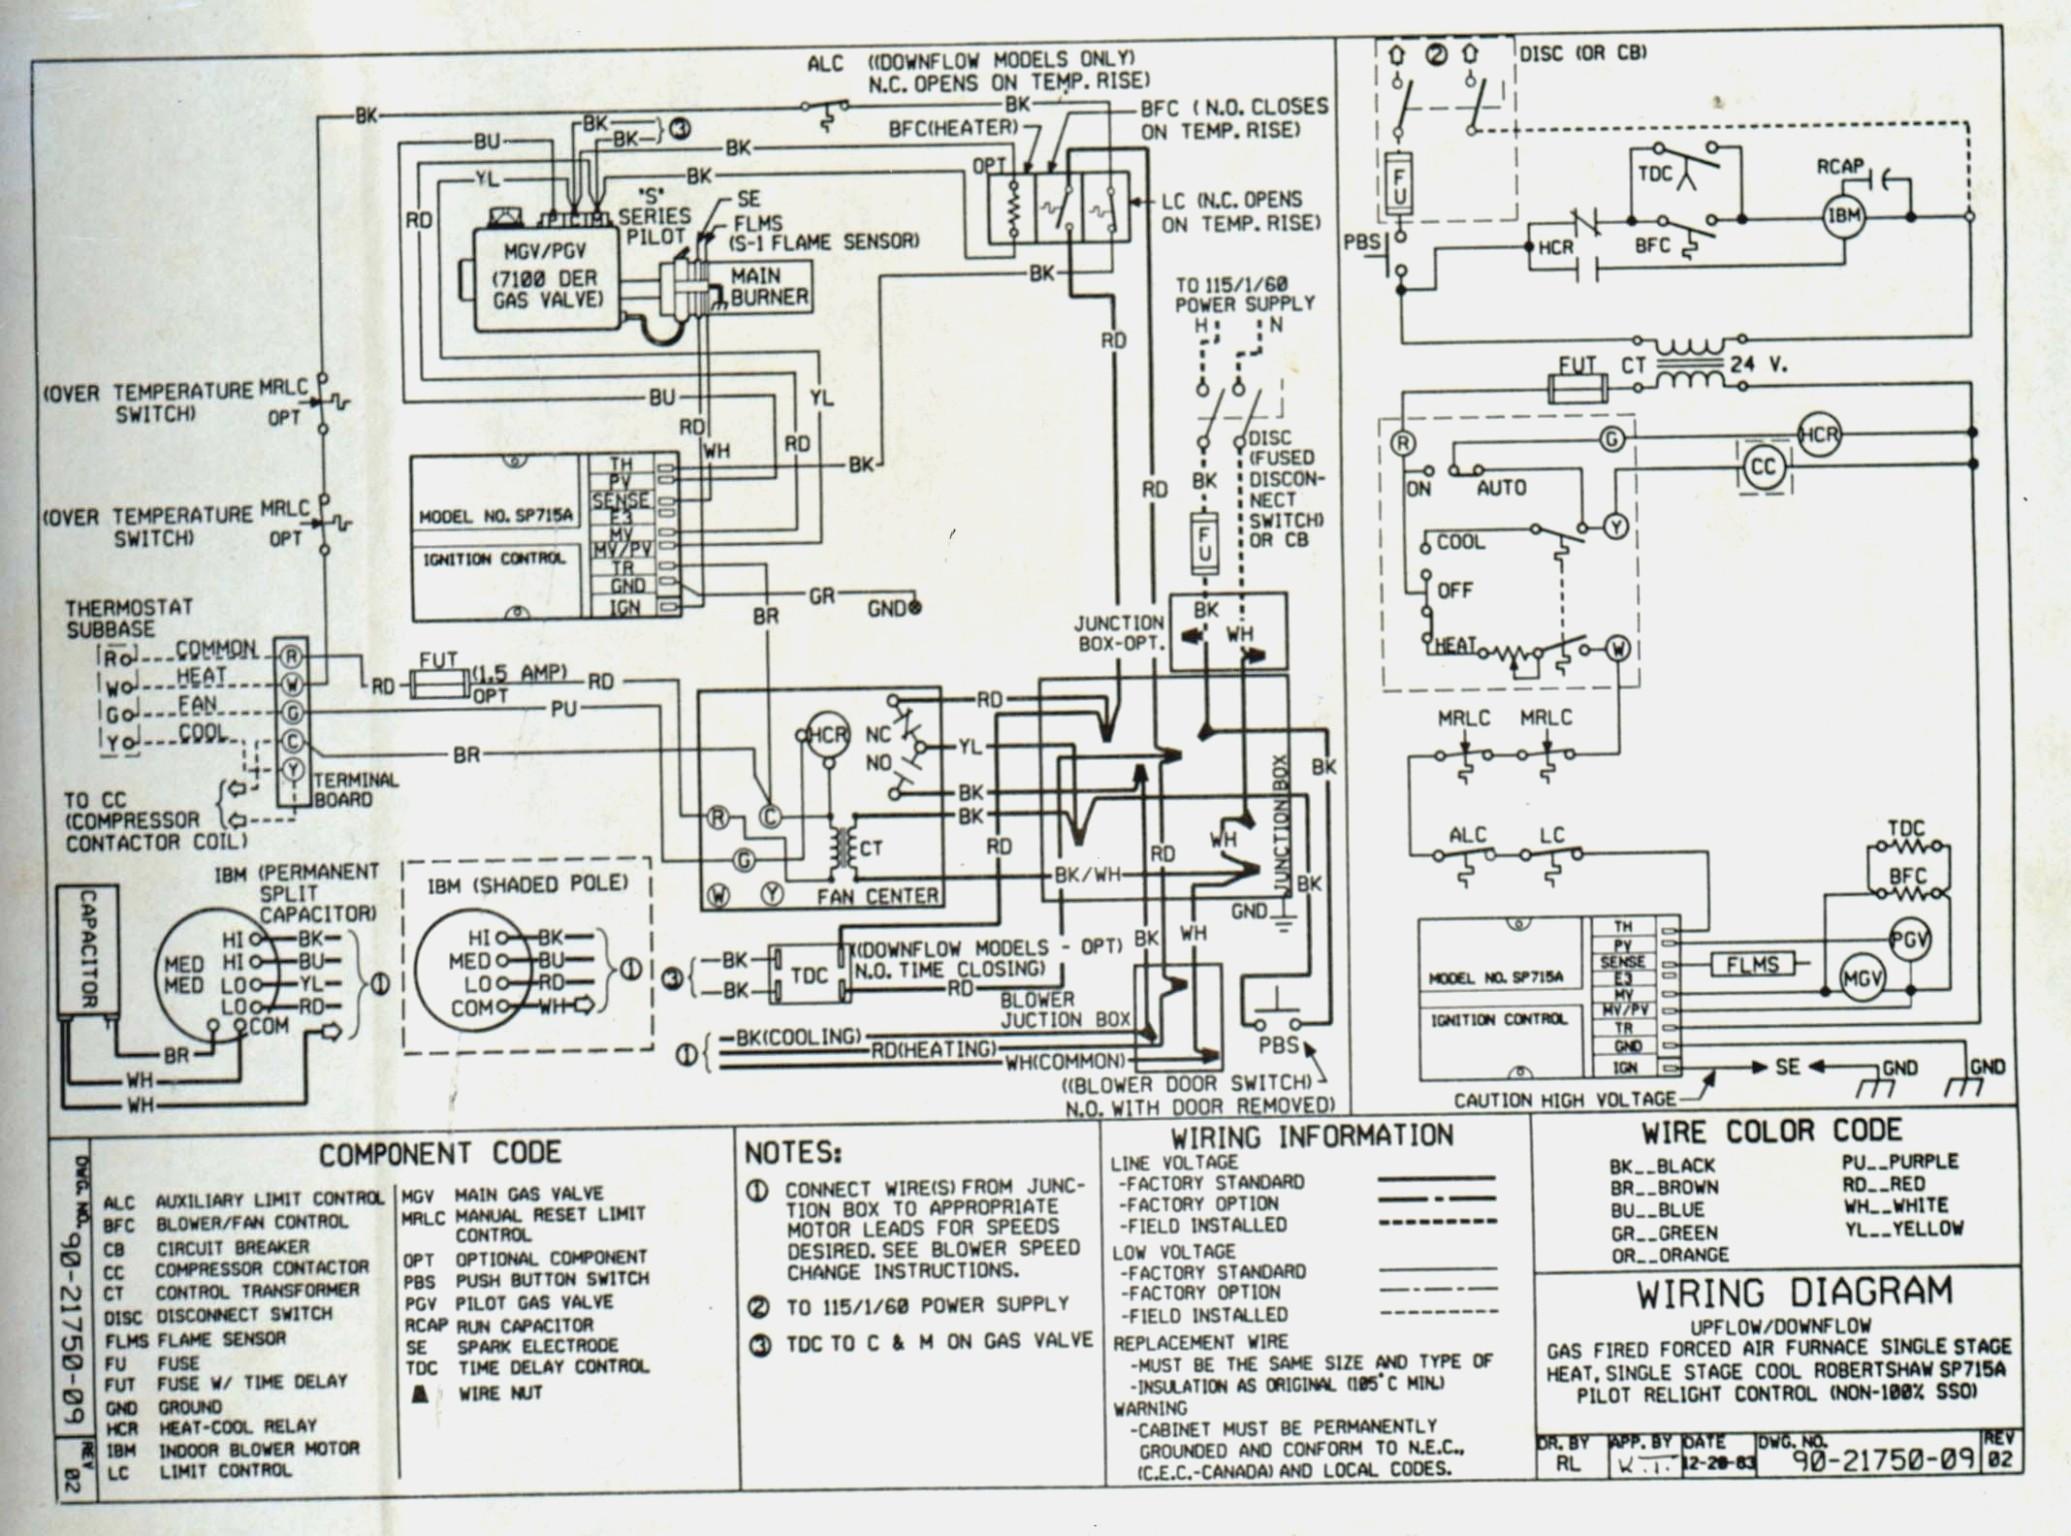 Central Air Conditioner Parts Diagram York Package Units Wiring Diagrams Of Central Air Conditioner Parts Diagram